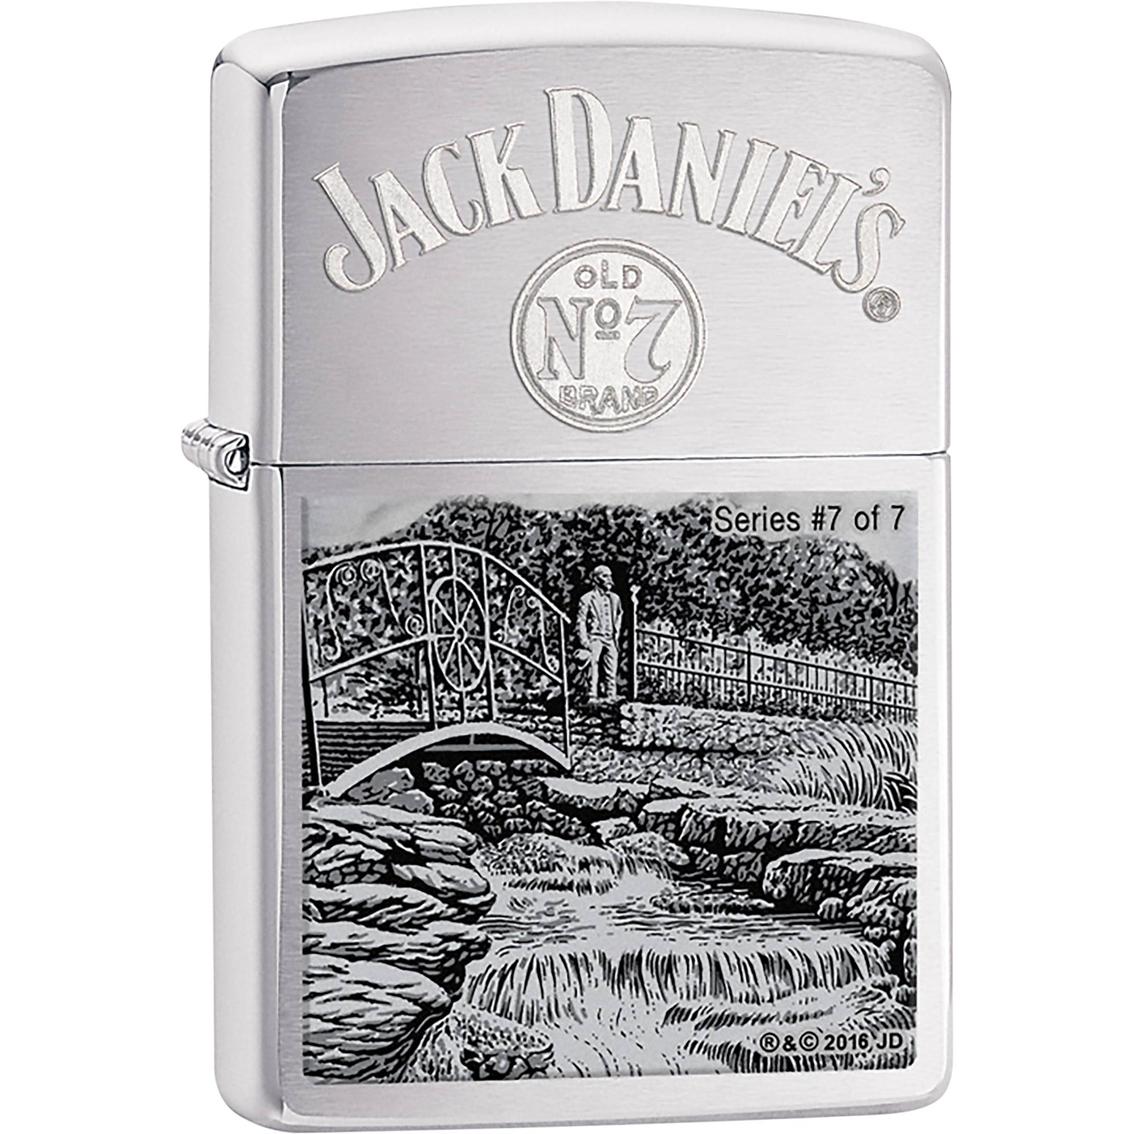 Zippo Jack Danielu0027s Old No 7 Logo Lighter  sc 1 st  ShopMyExchange.com & Zippo Jack Danielu0027s Old No 7 Logo Lighter   Lighters   More   Shop ...